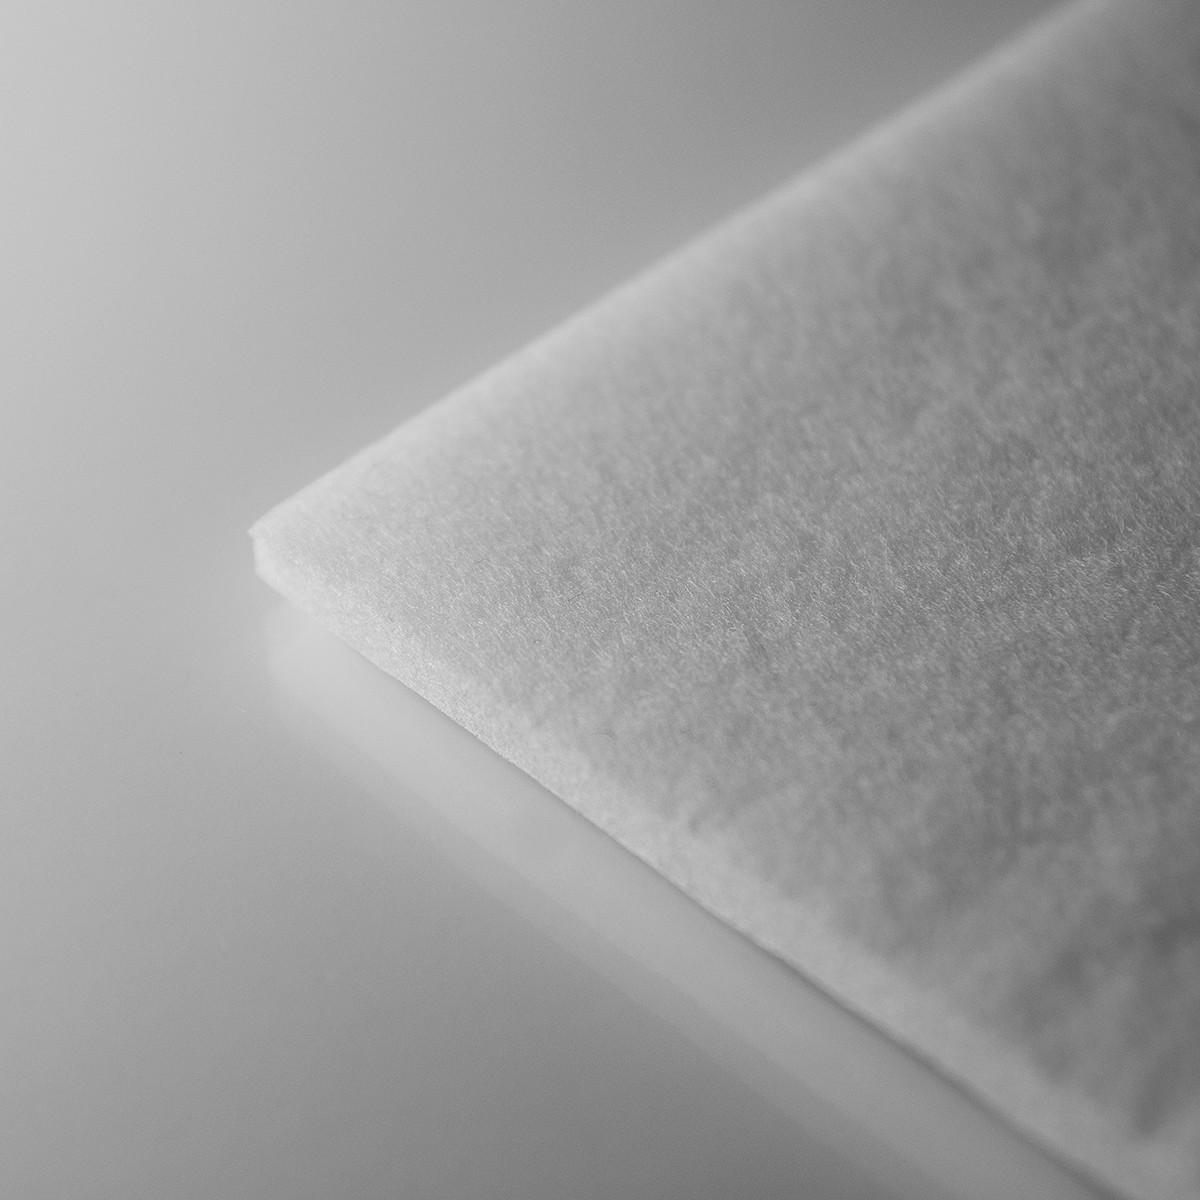 Superabsorbent Fabrics/SAF™ superabsorbent Airlaid Fabric 2715 5 sheets (20cm x 25cm)